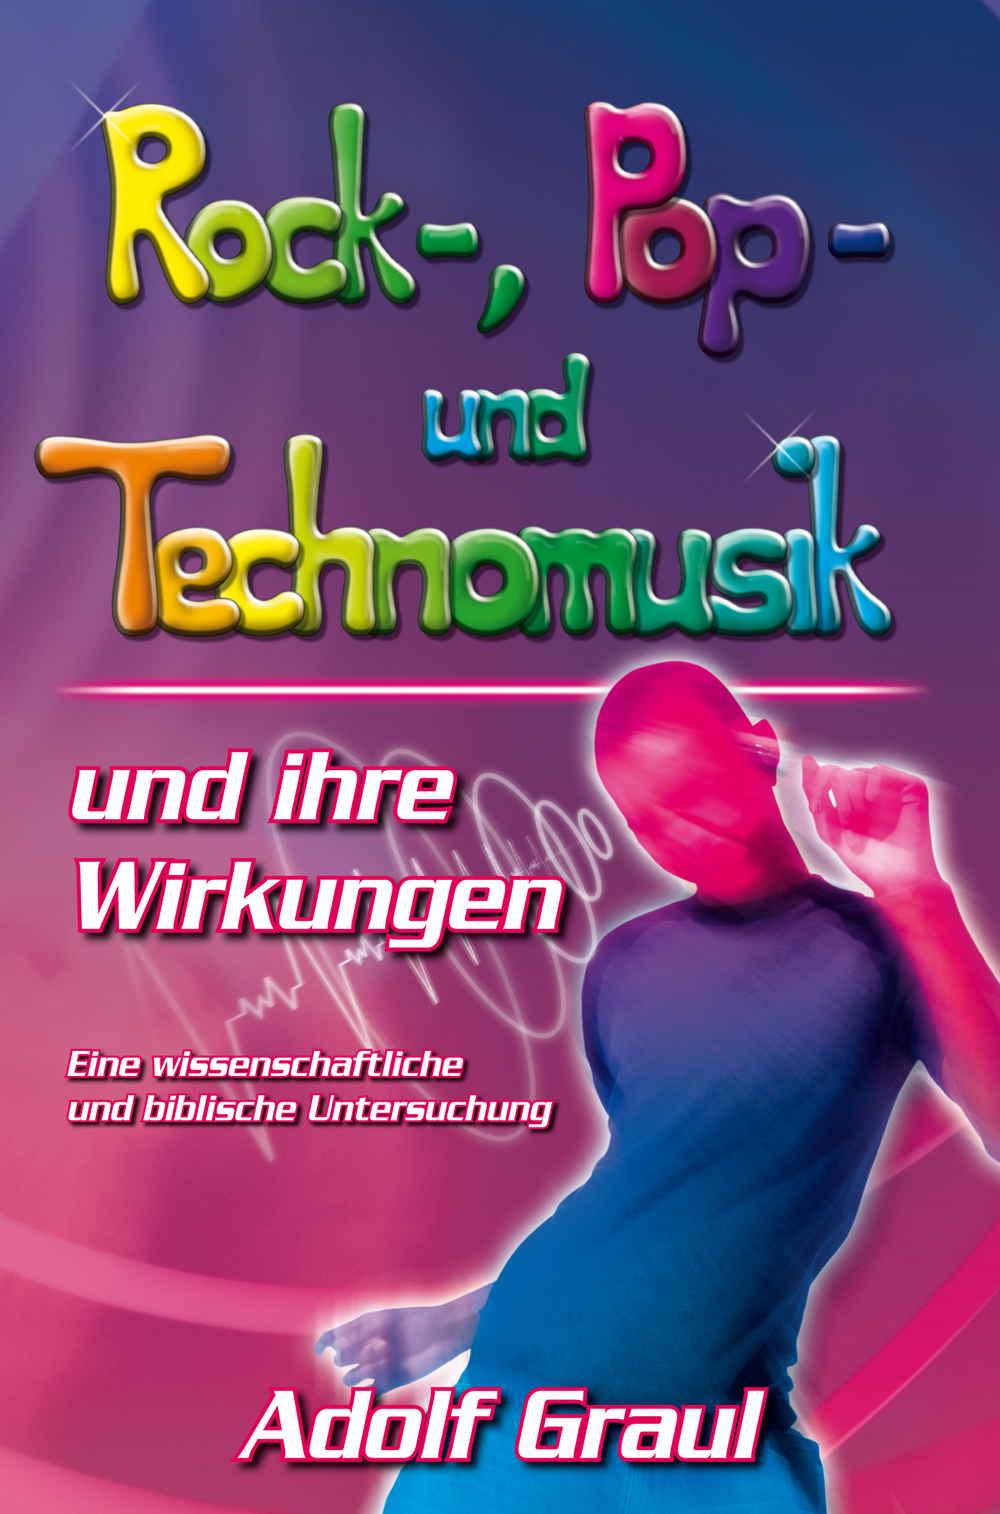 CLV_rock-pop-und-technomusik-und-ihre-wirkungen_adolf-graul_256227_1